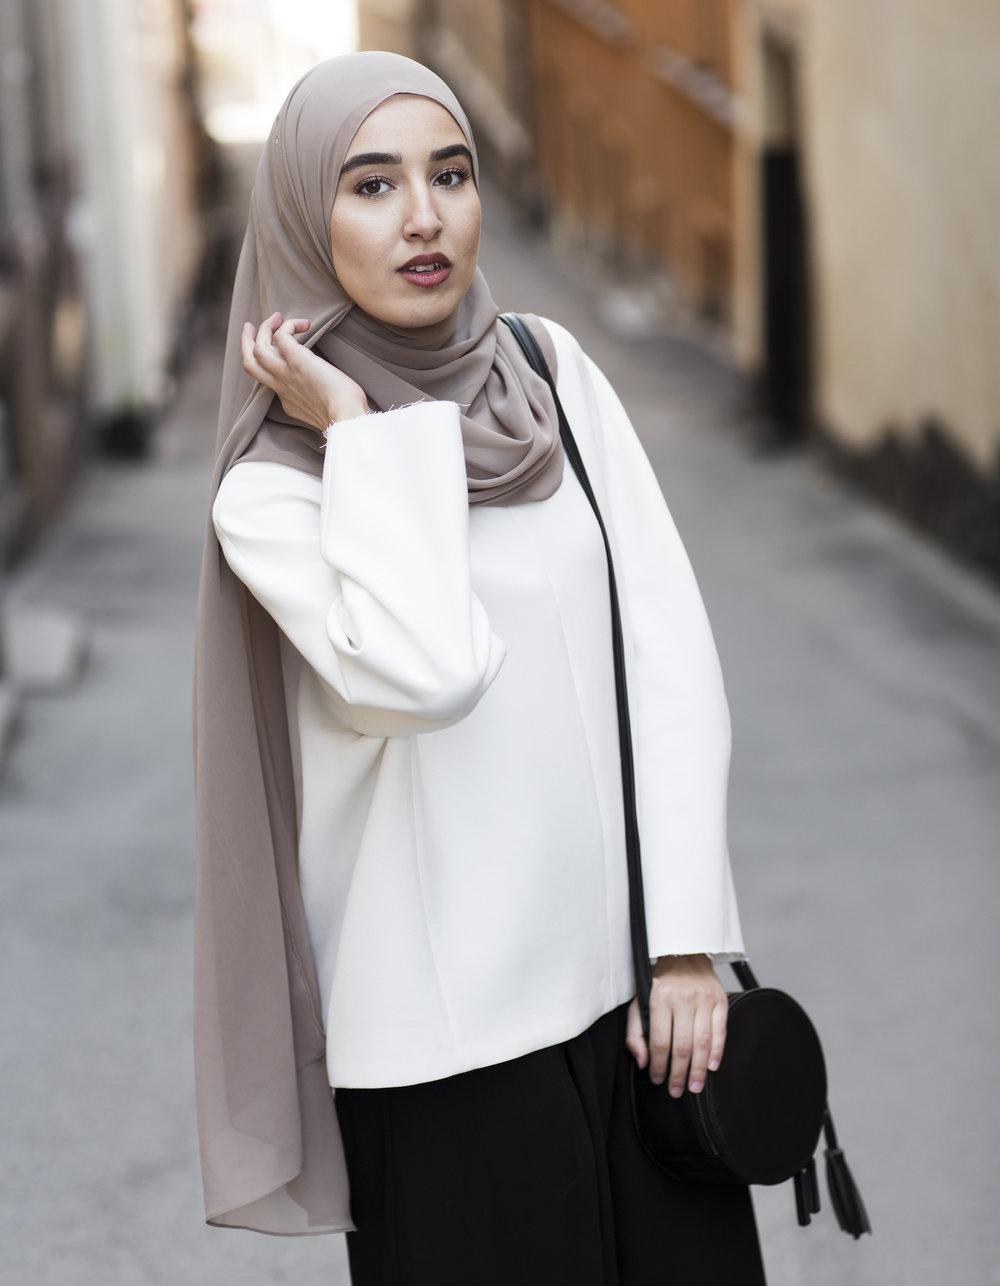 hijabistas_160512__MG_9686_EBE.jpg